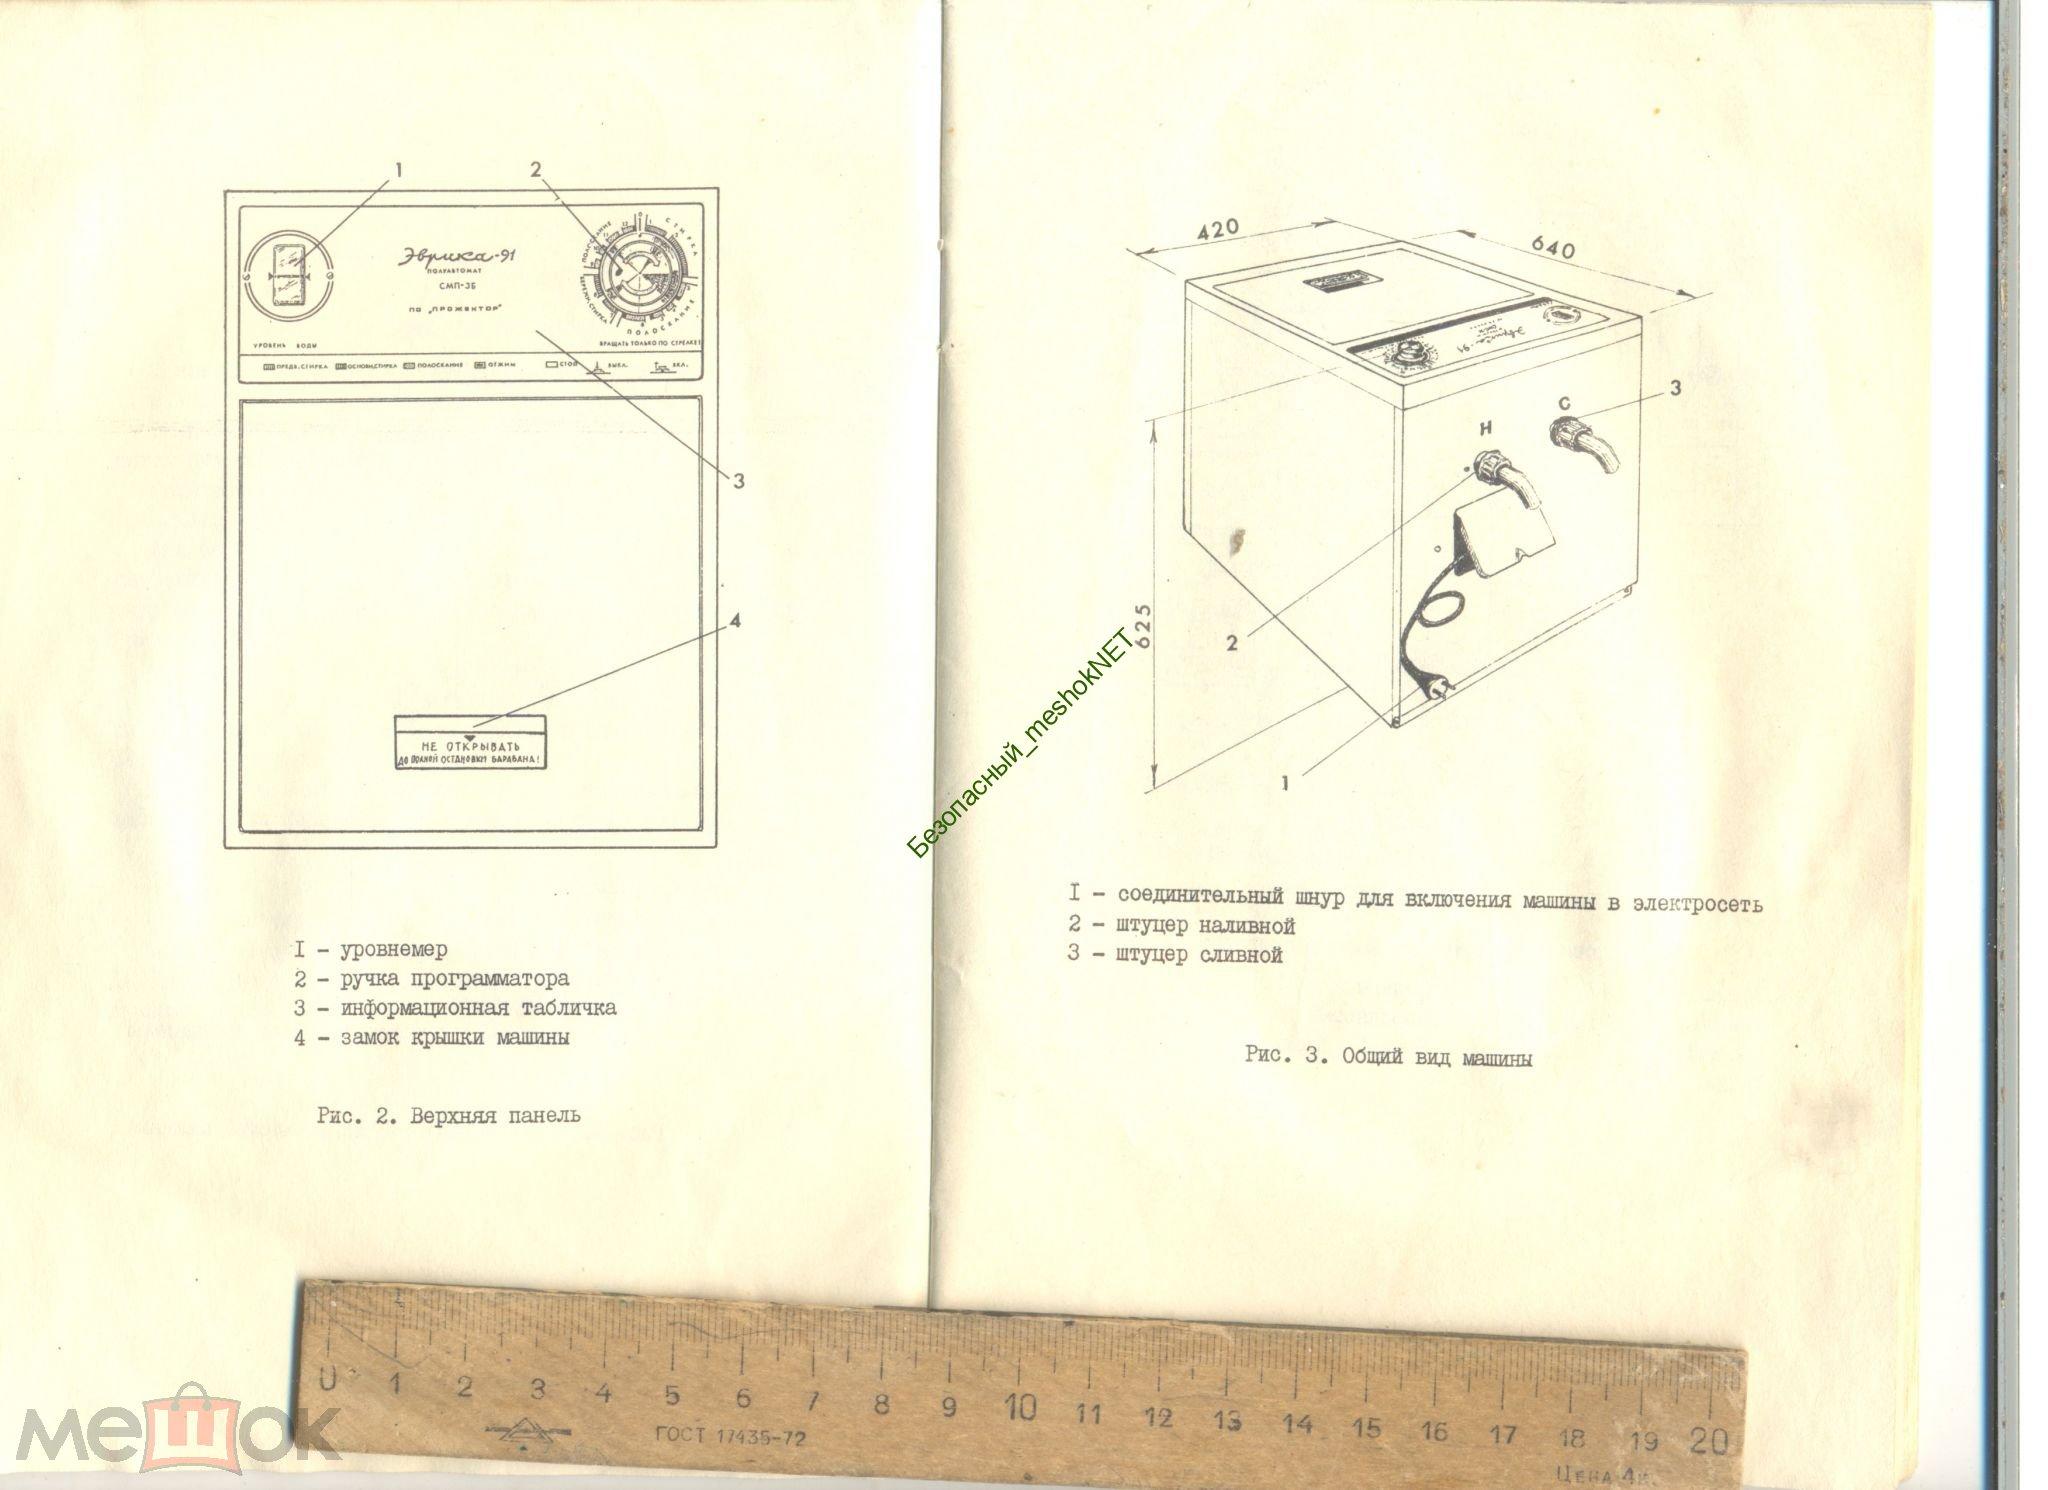 Инструкция Паспорт Схема Стиральная машина Эврика-91 Эврика СМП-3Б 1991 СССР ПО Прожектор 32стр